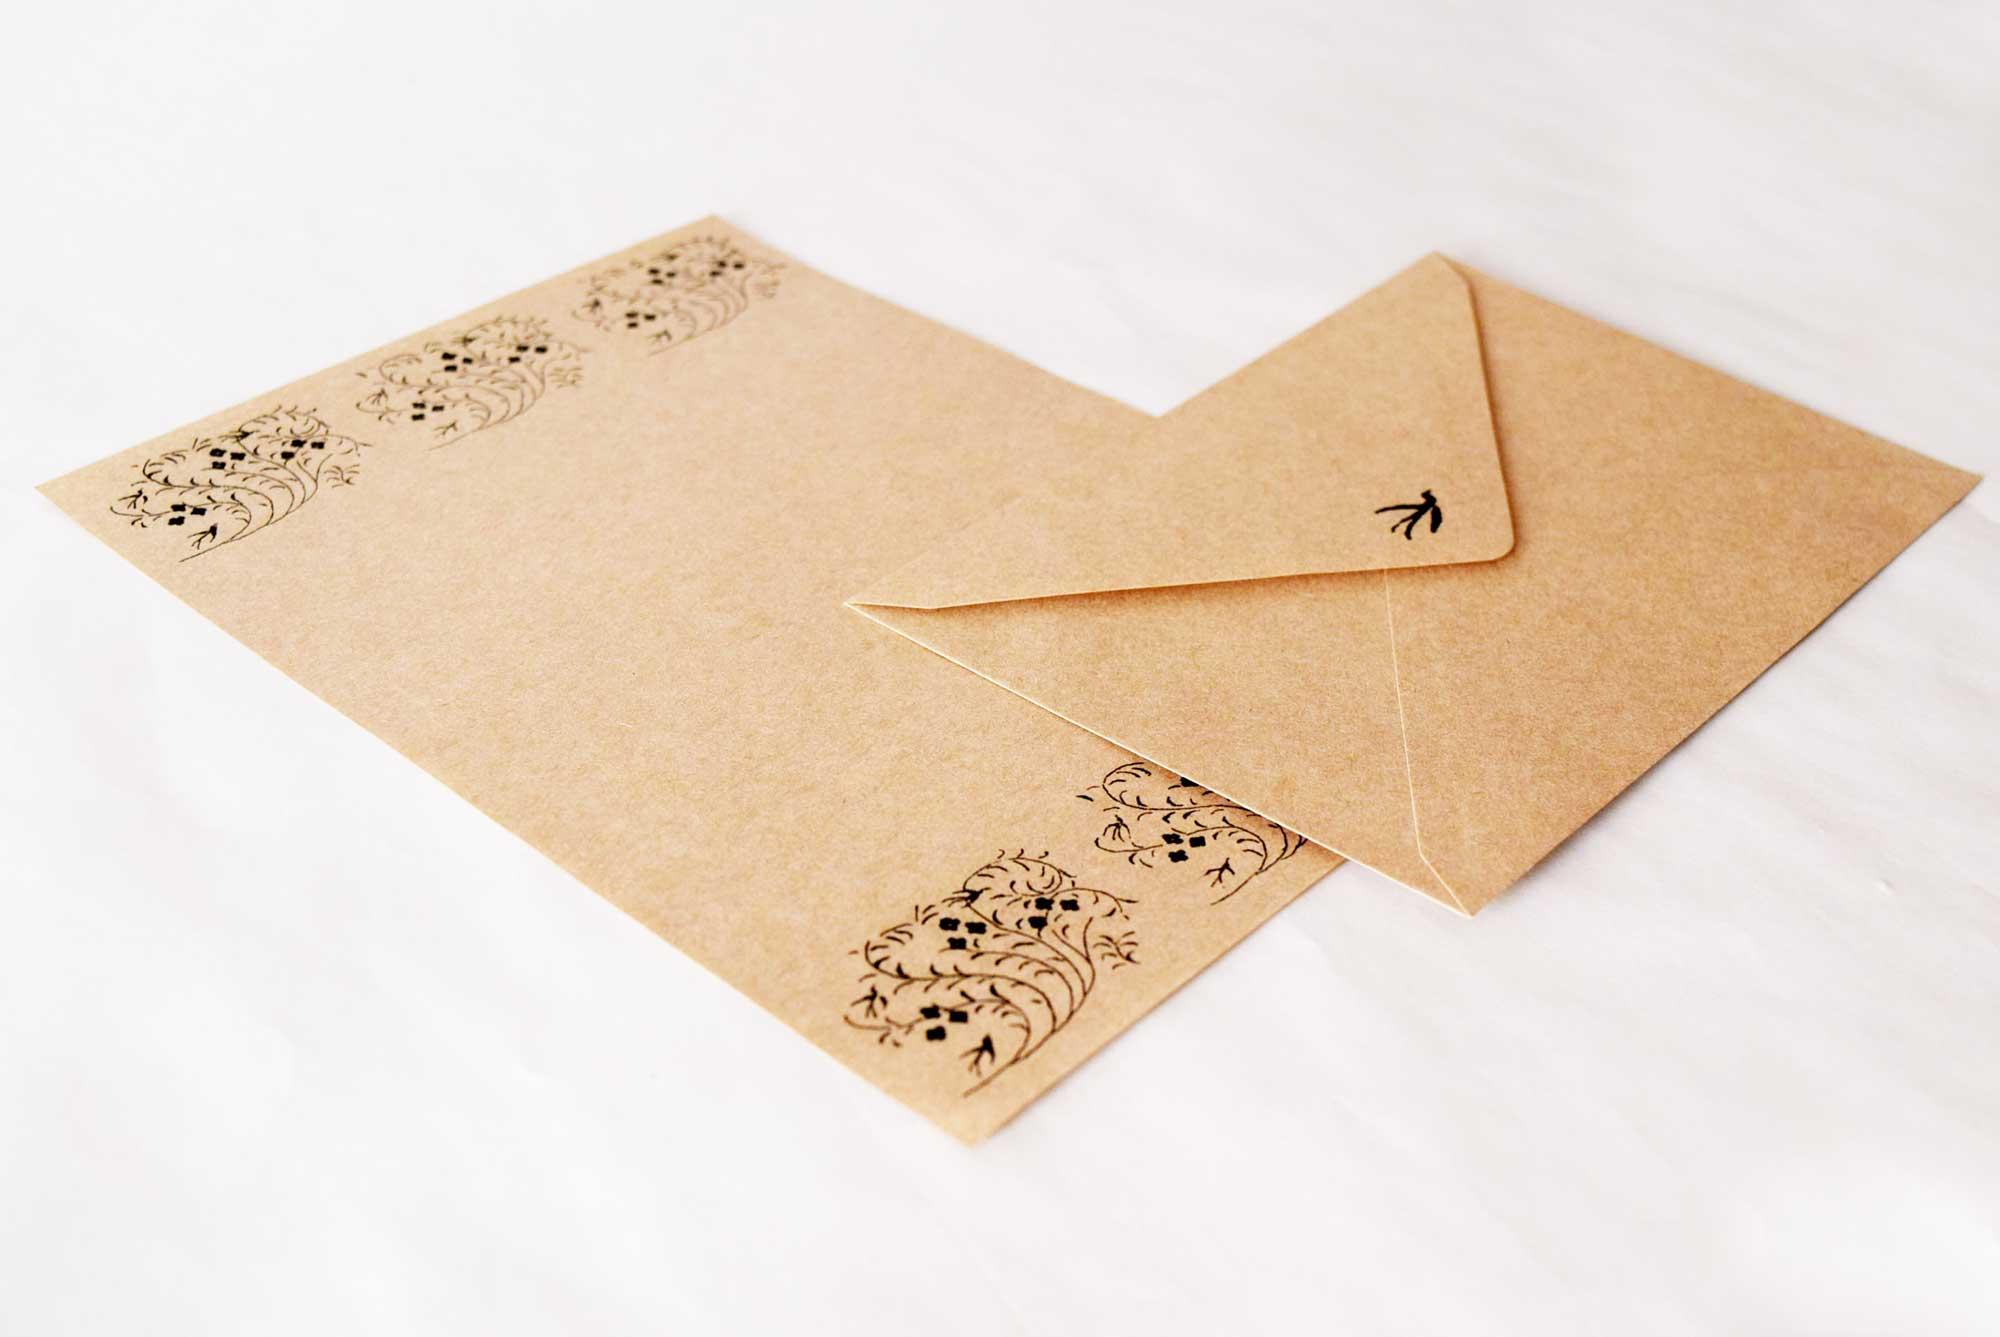 封筒・便箋 素材:クラフト紙